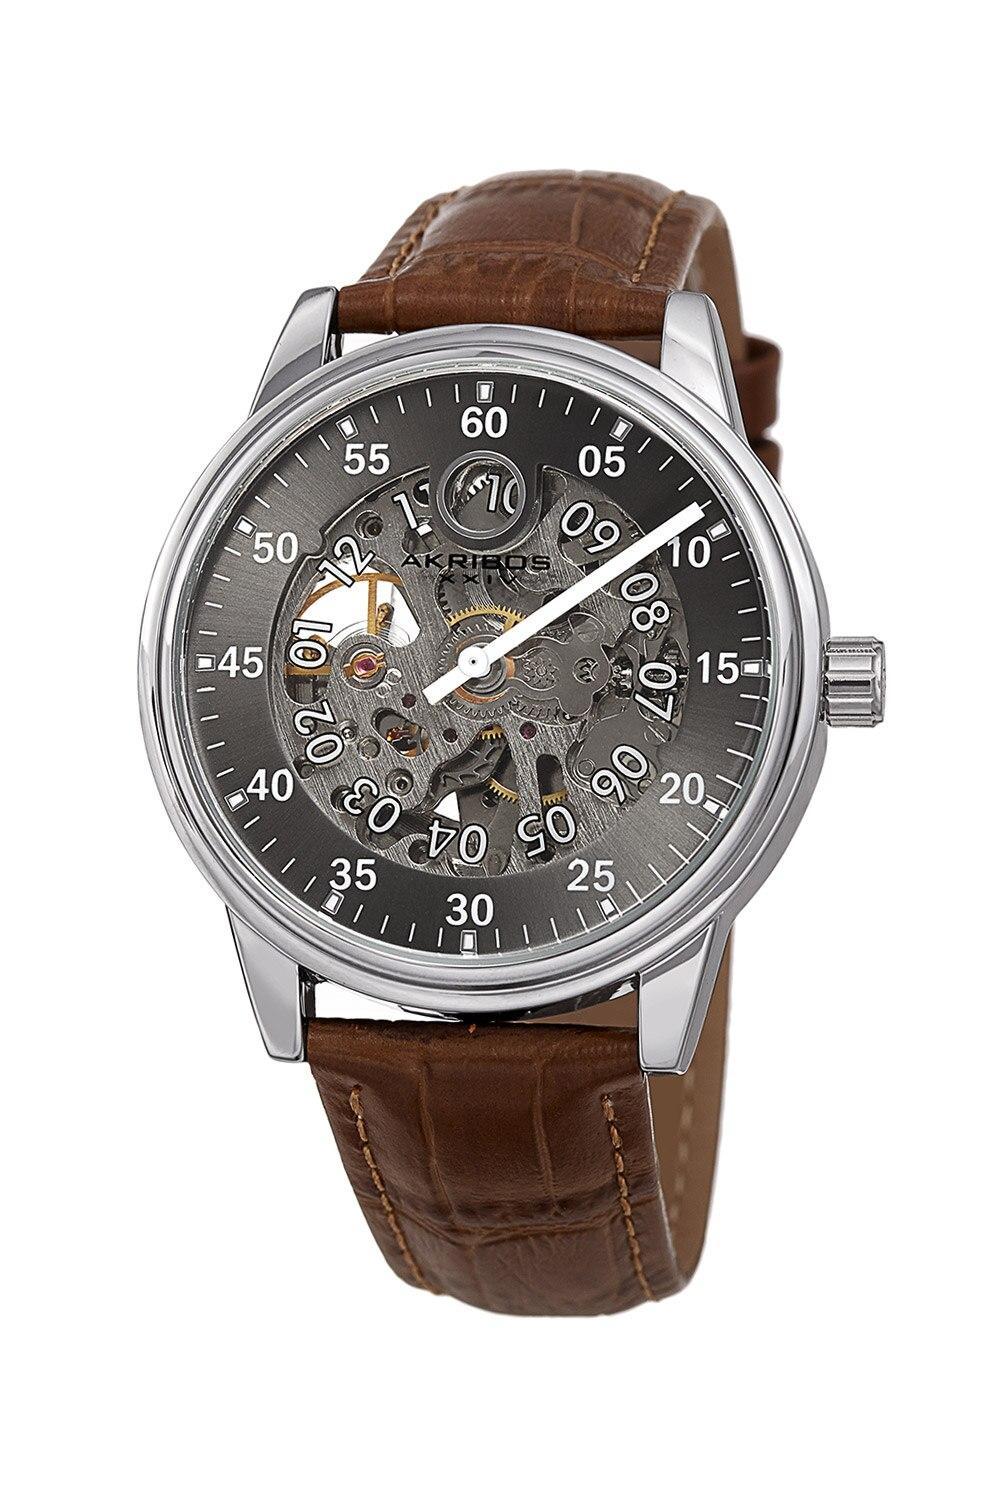 Fotografie AKRIBOS XXIV, Ceas automatic cu o curea din piele cu aspect de piele de crocodil, Maro inchis/Argintiu